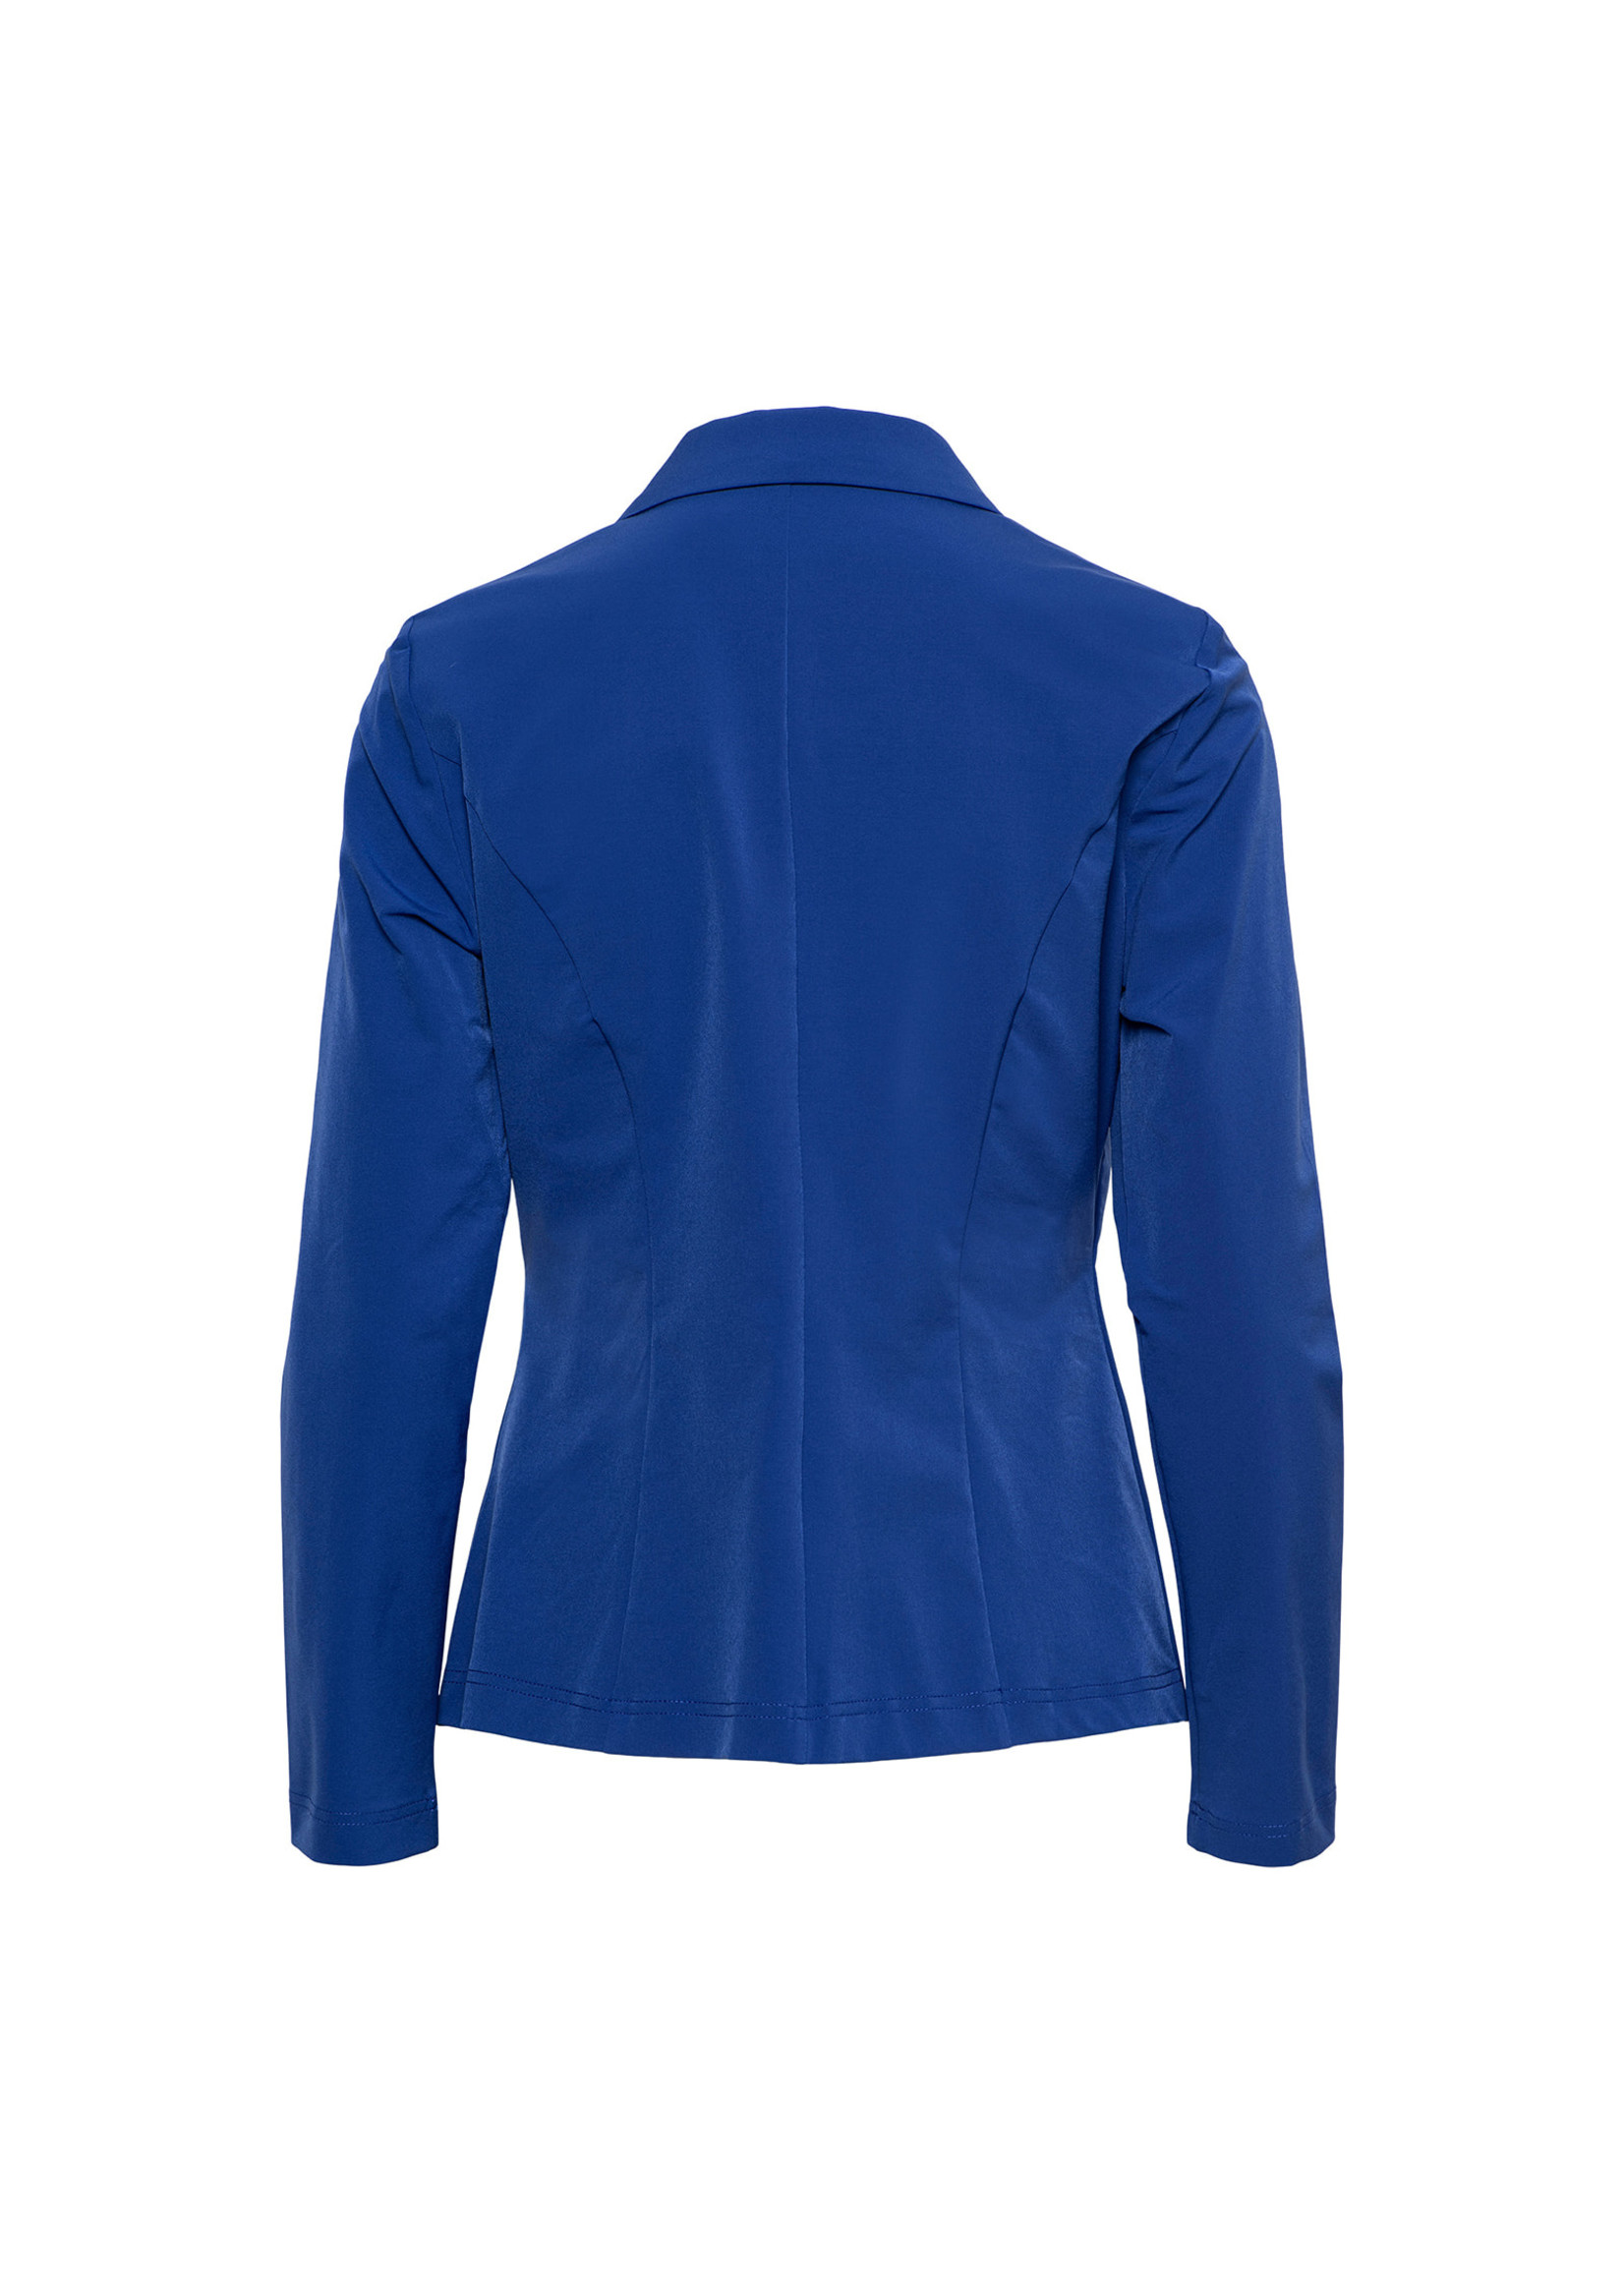 &Co Women phileine blazer (kobalt)